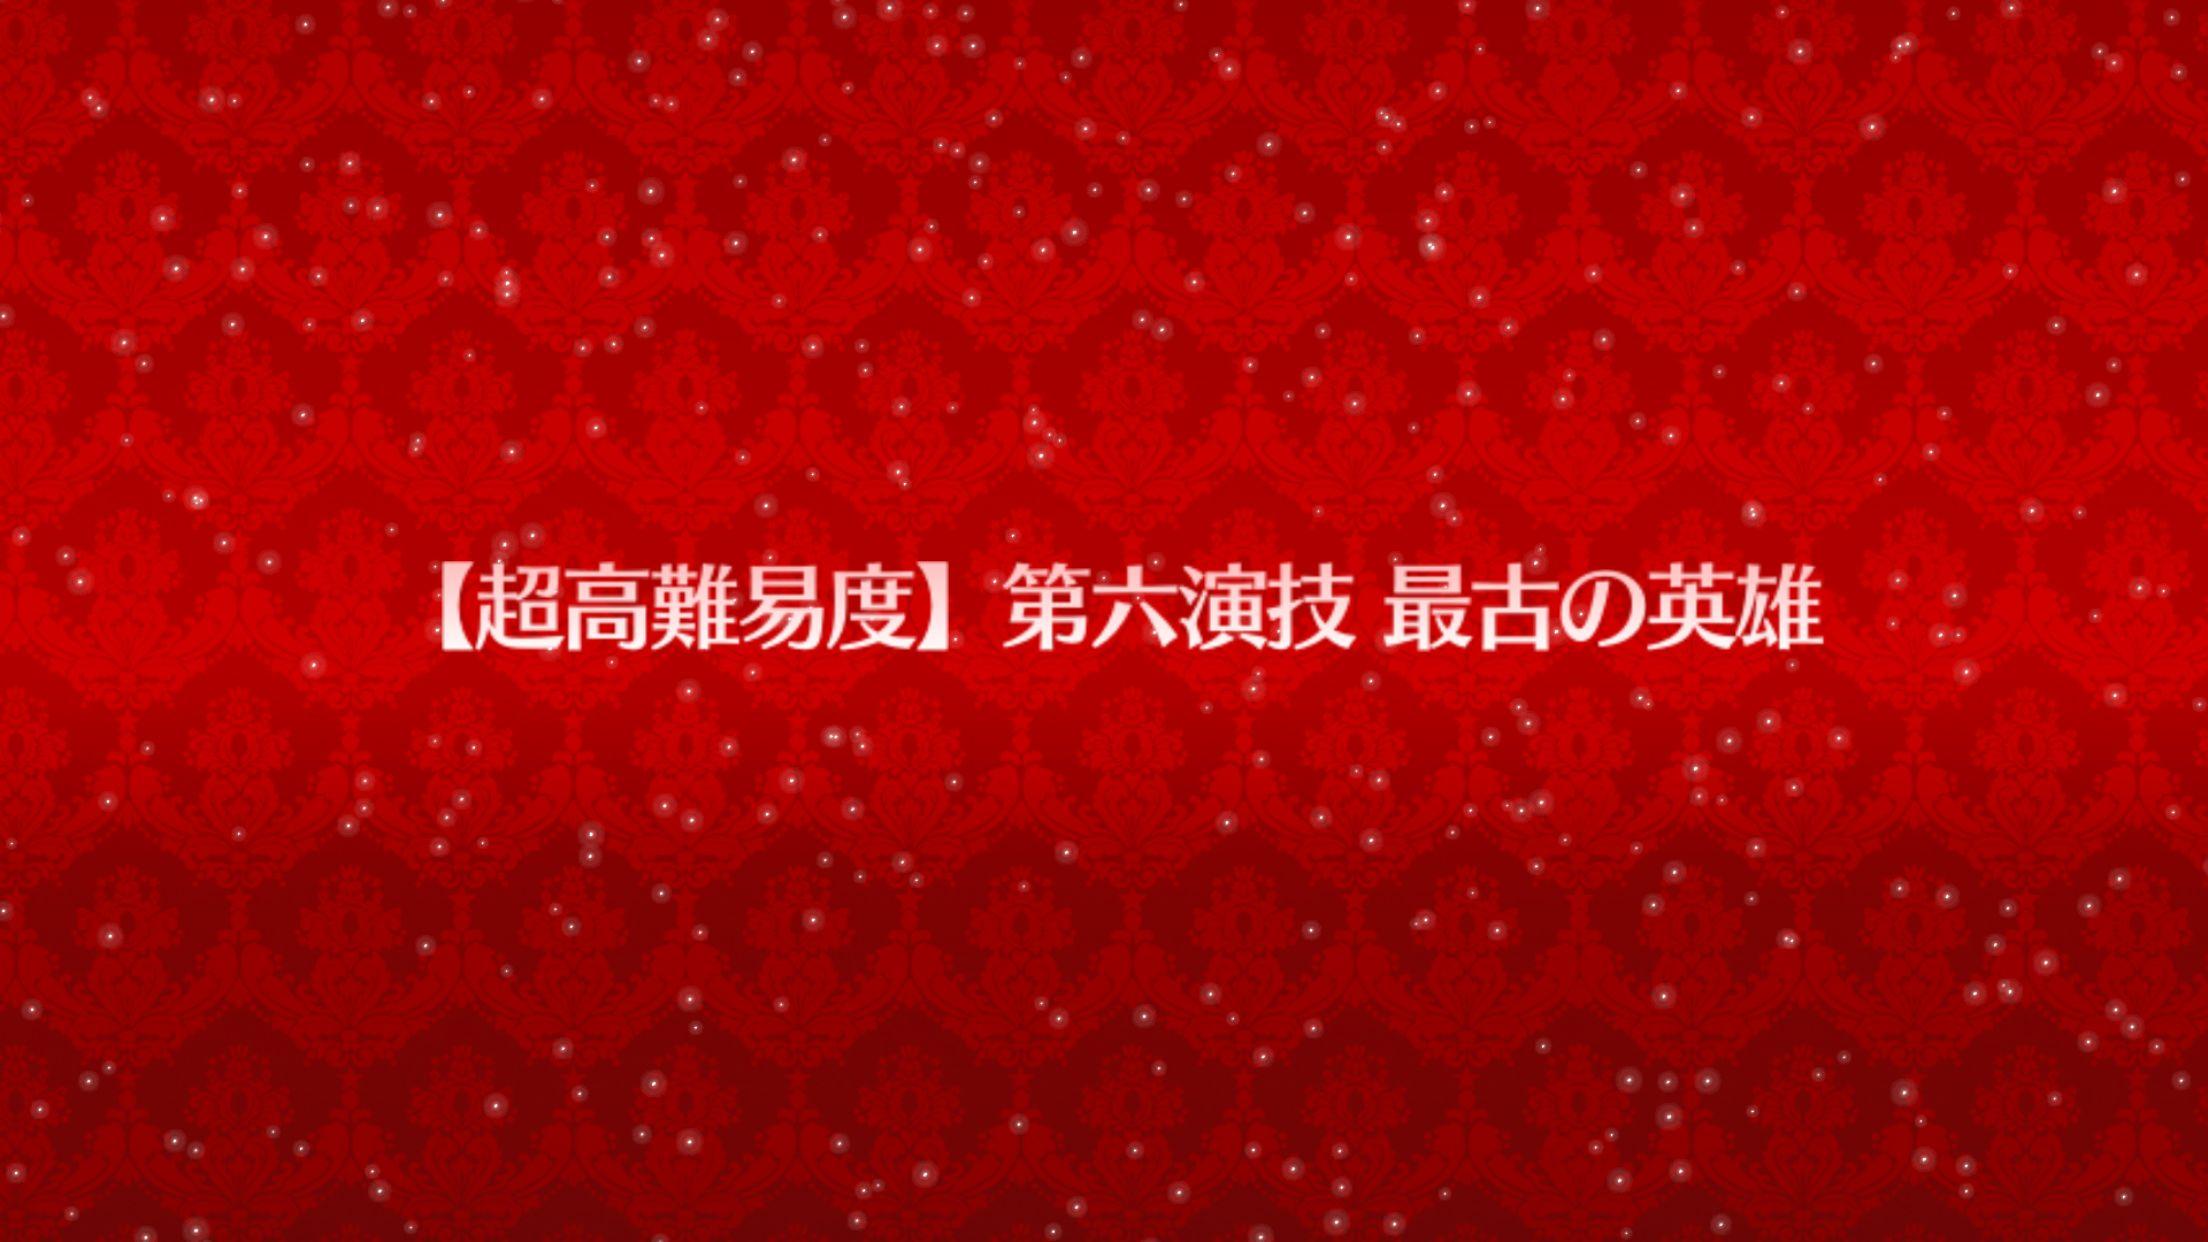 【FGO】ネロ祭り エキシビションクエスト 第六演技 最古の英雄 へいよーかるでらっくす攻略